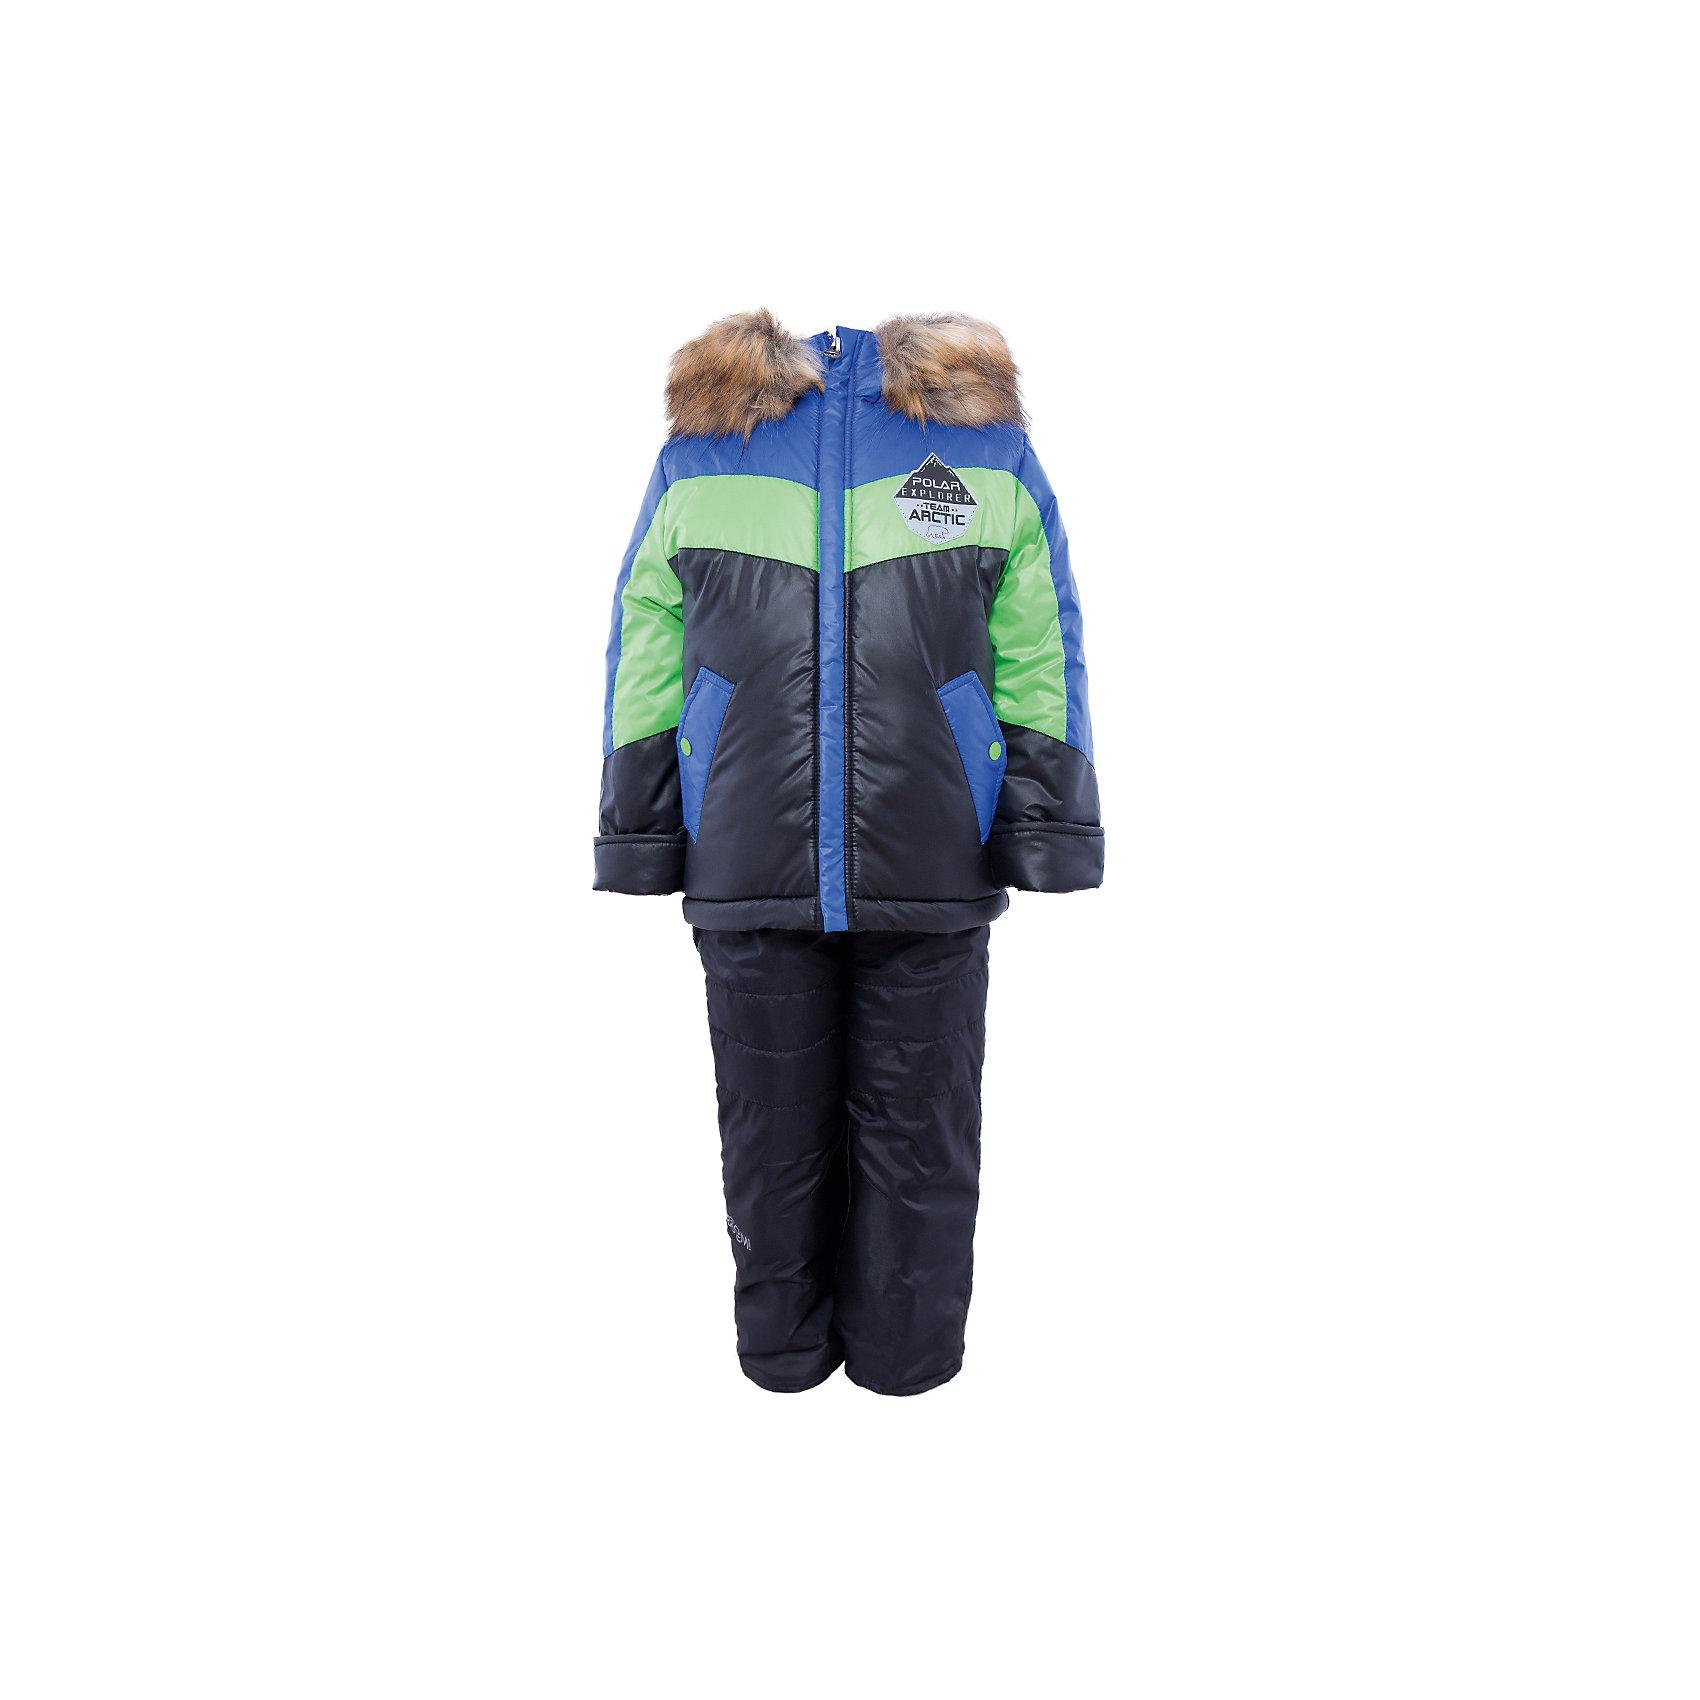 Комплект: куртка и брюки для мальчика BOOM by OrbyВерхняя одежда<br>Характеристики изделия:<br><br>- комплектация: куртка, полукомбинезон;<br>- материал верха: болонь;<br>- подкладка: ПЭ, флис;<br>- утеплитель: эко-синтепон 400 г/м2, 200 г/м2; <br>- отделка: искусственный мех;<br>- фурнитура: металл, пластик;<br>- застежка: молния;<br>- капюшон;<br>- защита подбородка;<br>- клапан от ветра;<br>- принт на куртке;<br>- температурный режим до -30°С<br><br><br>В холодный сезон важно одеть ребенка комфортно и тепло. Этот стильный и теплый комплект позволит мальчику наслаждаться зимним отдыхом, не боясь замерзнуть, и выглядеть при этом очень симпатично.<br>Теплая куртка плотно сидит благодаря манжетам и надежным застежкам. Она смотрится очень эффектно благодаря пушистому воротнику. Полукомбинезон дополнен регулируемыми лямками, карманами и манжетами.<br><br>Комплект: курта и брюки для мальчика от бренда BOOM by Orby можно купить в нашем магазине.<br><br>Ширина мм: 215<br>Глубина мм: 88<br>Высота мм: 191<br>Вес г: 336<br>Цвет: синий<br>Возраст от месяцев: 60<br>Возраст до месяцев: 72<br>Пол: Мужской<br>Возраст: Детский<br>Размер: 116,86,122,110,104,92,98<br>SKU: 4982738